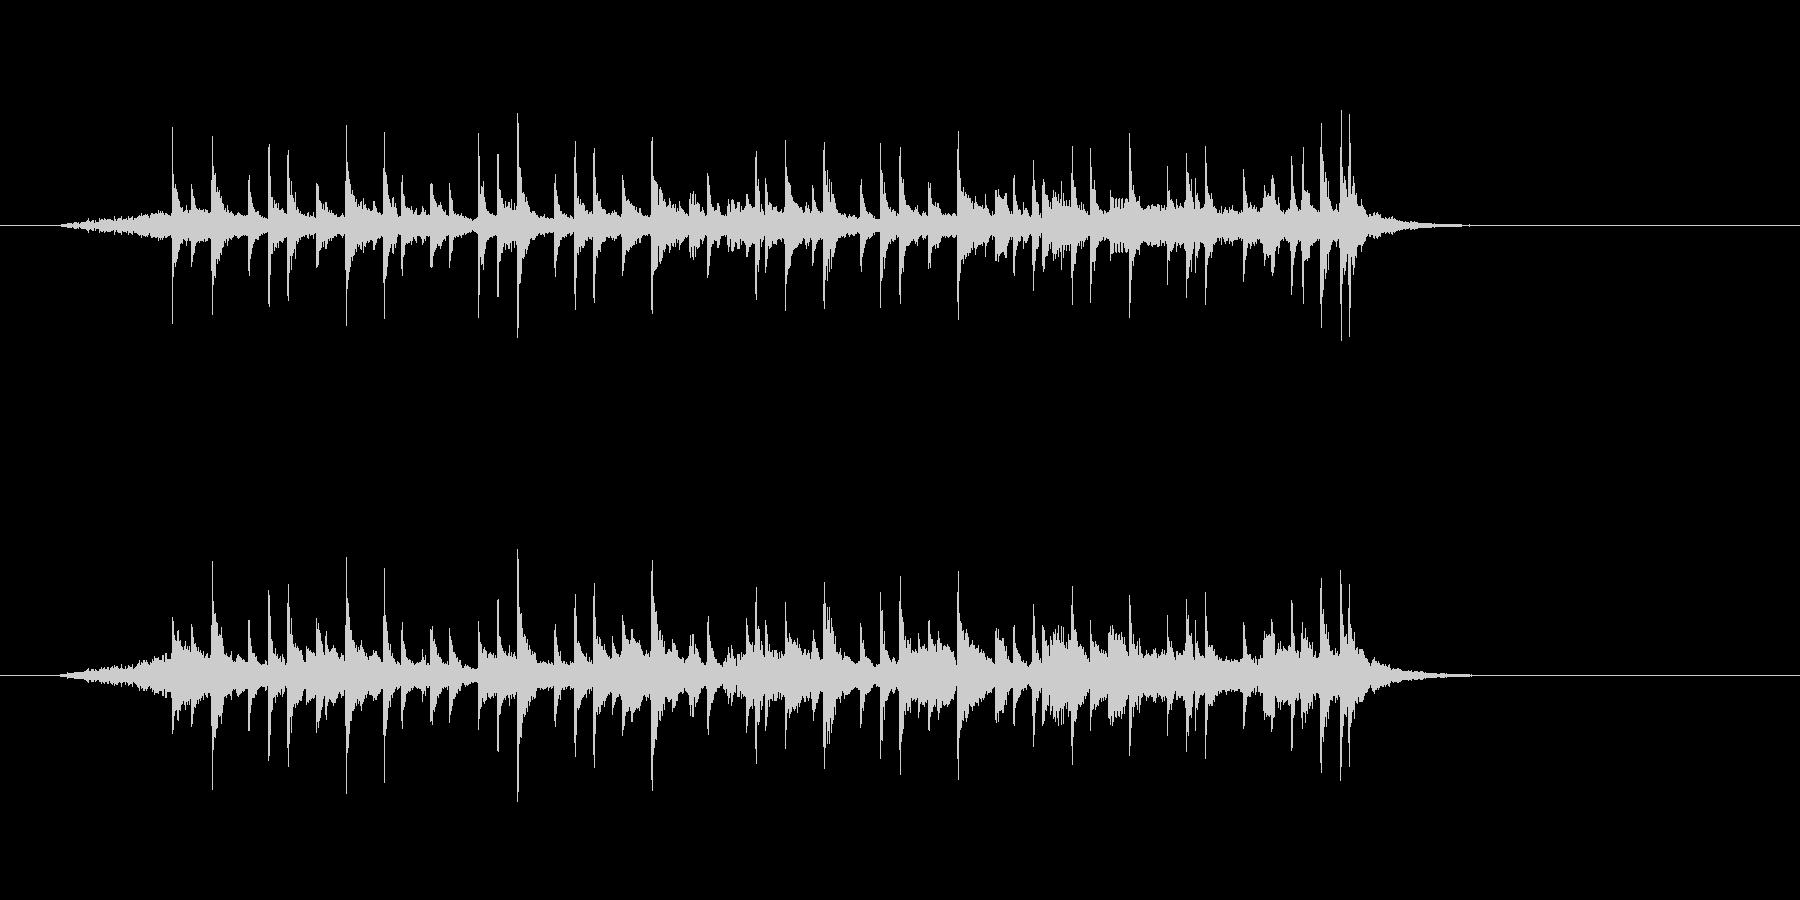 ジングル(メロディアスなフュージョン)の未再生の波形